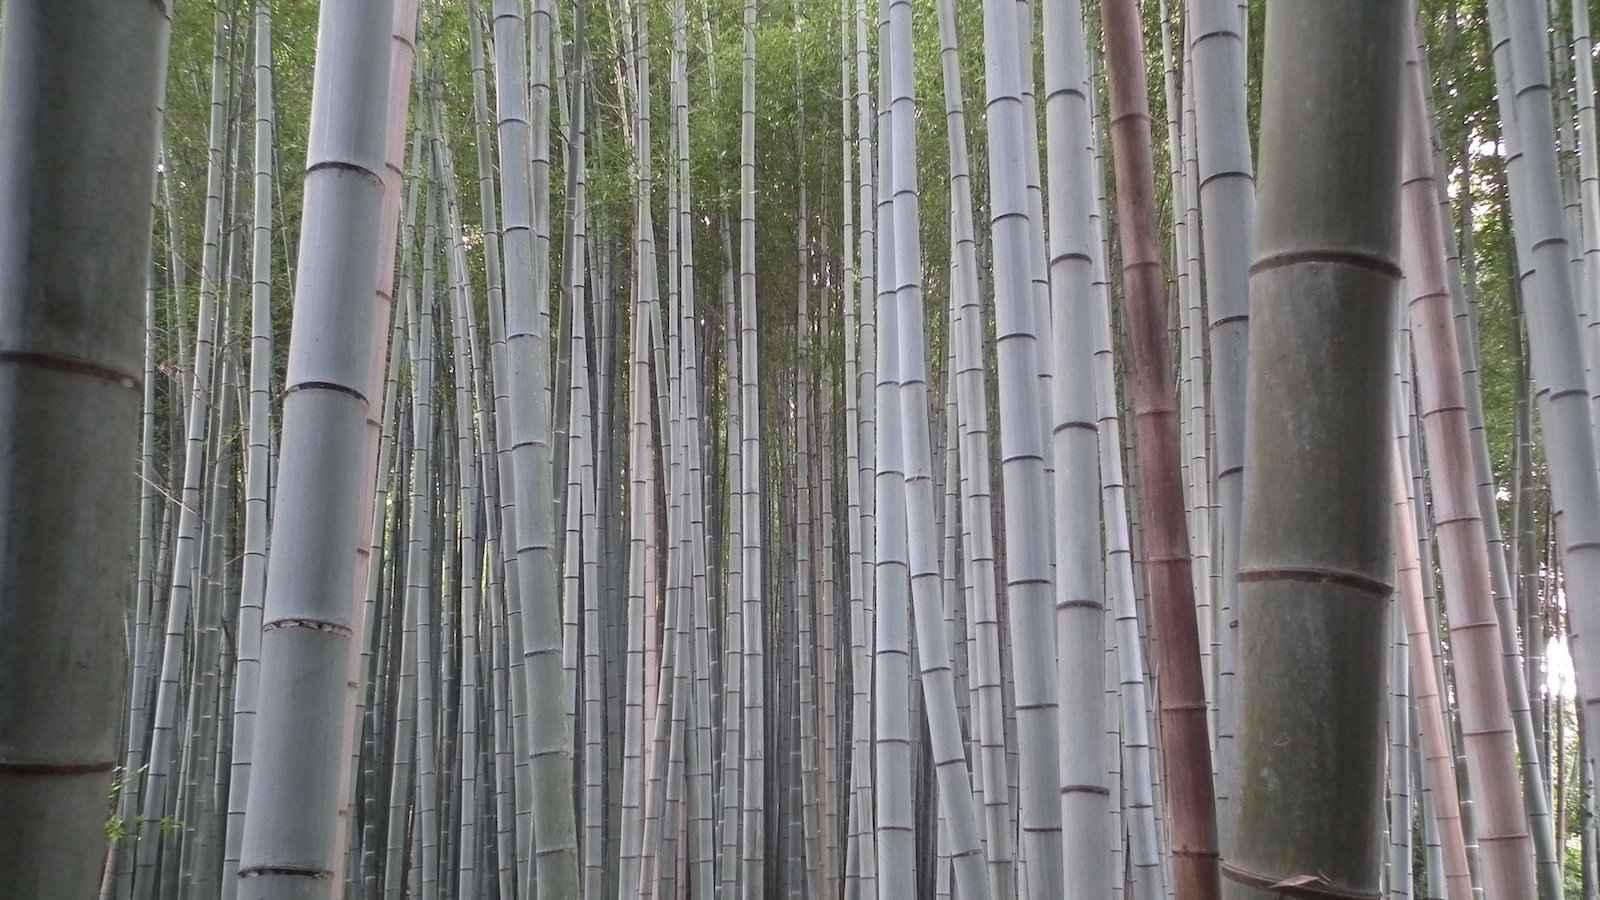 A floresta de bambu Arashiyama em Kyoto é um local muito romântico